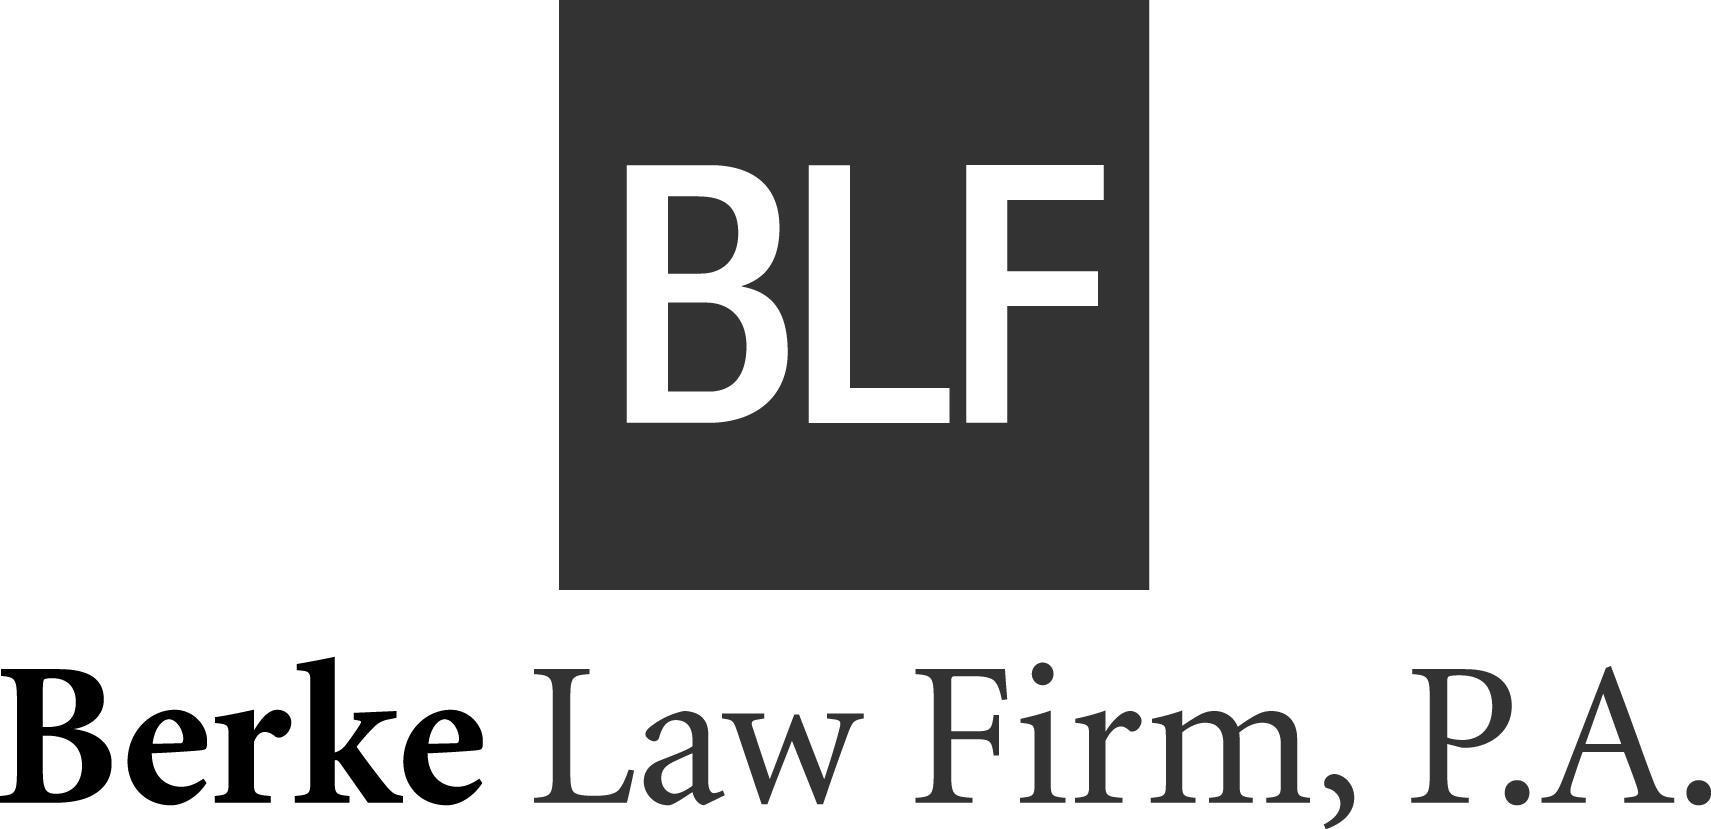 Berke Law Firm P.A. Logo